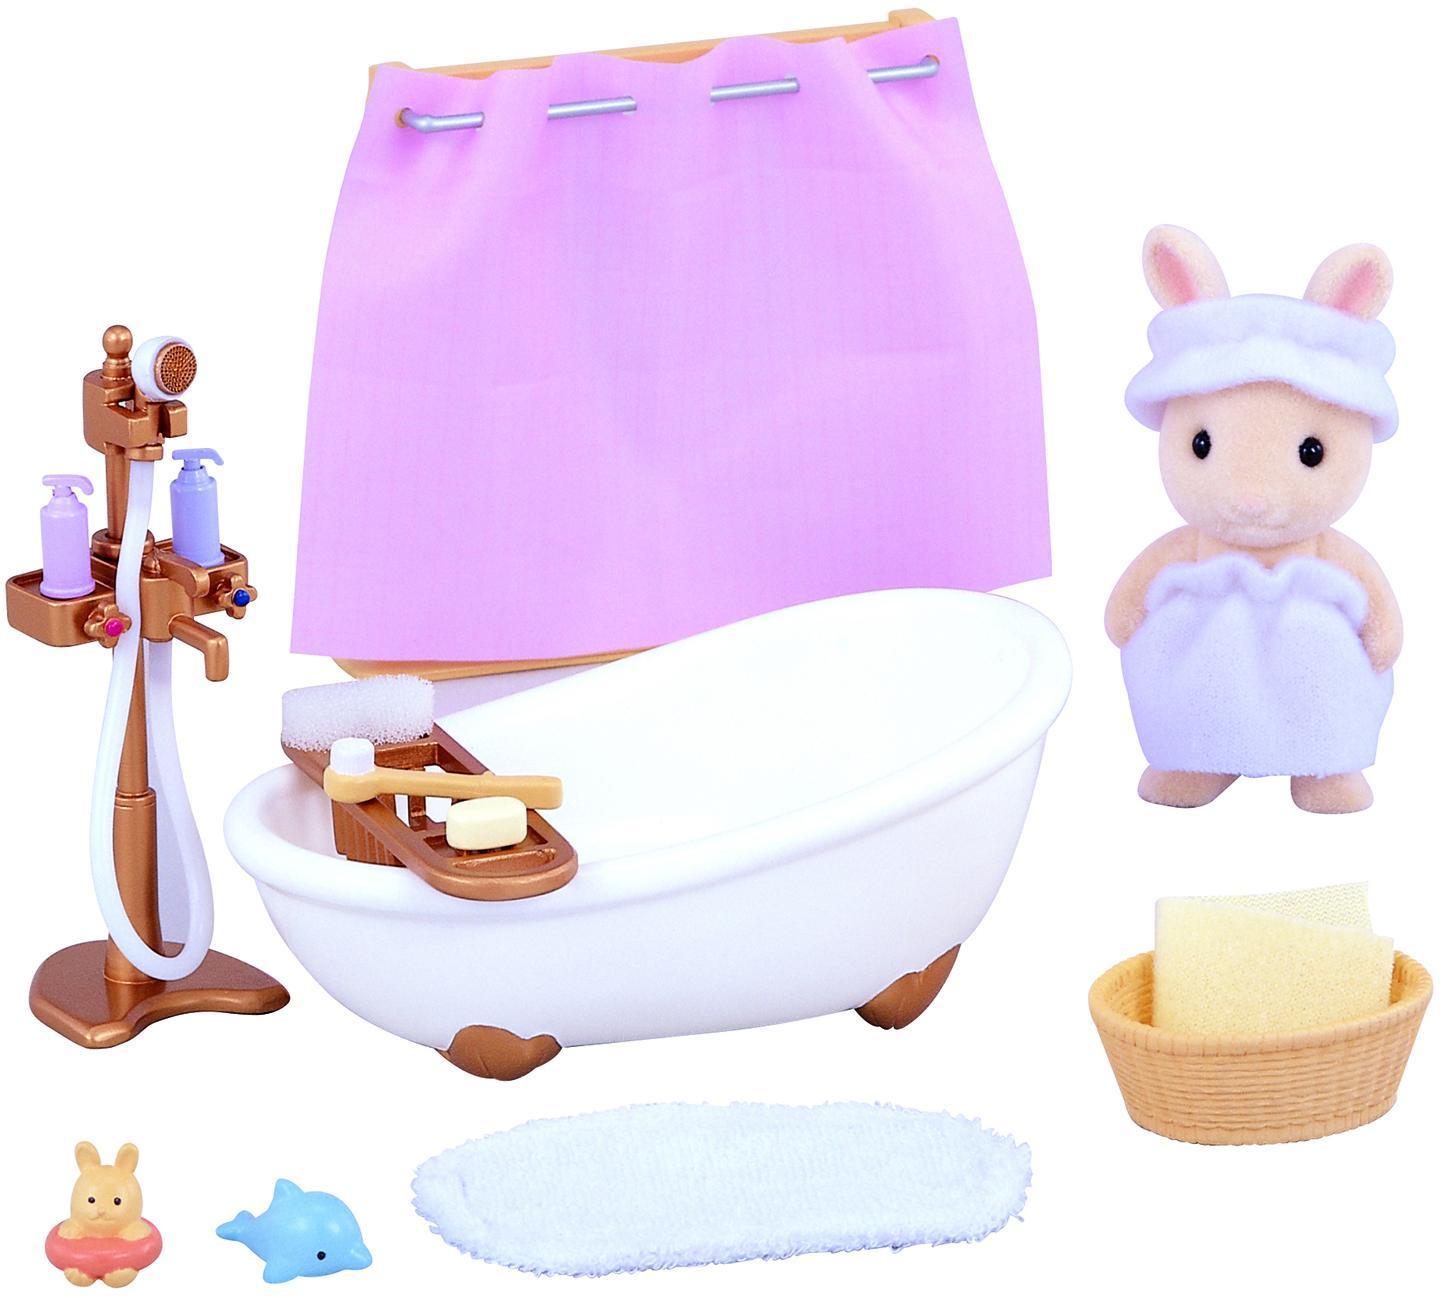 Купить Игровой набор Sylvanian Families Ванная комната мини, Китай